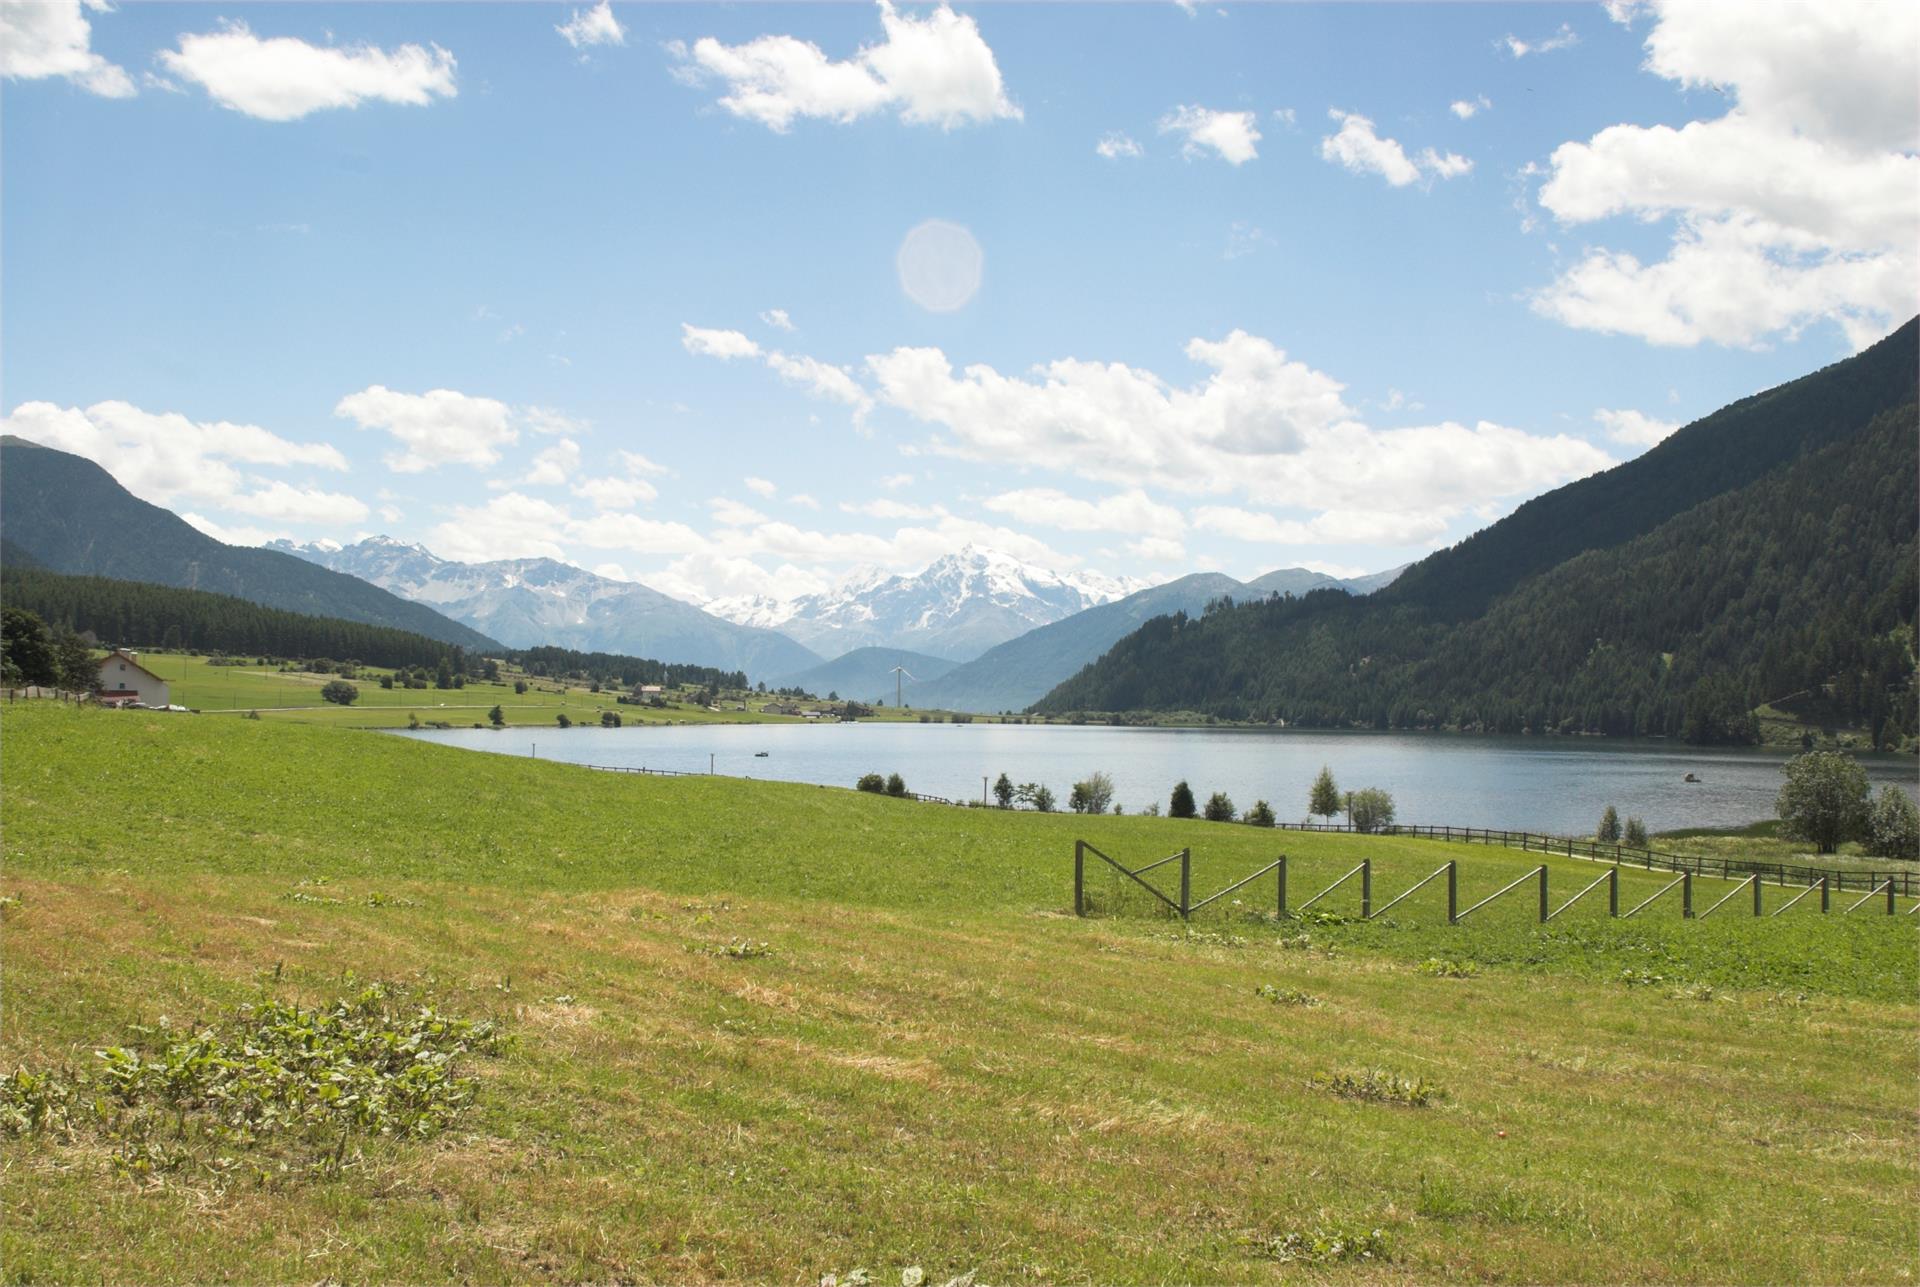 Der Natursee in der Ferienregion Reschenpass